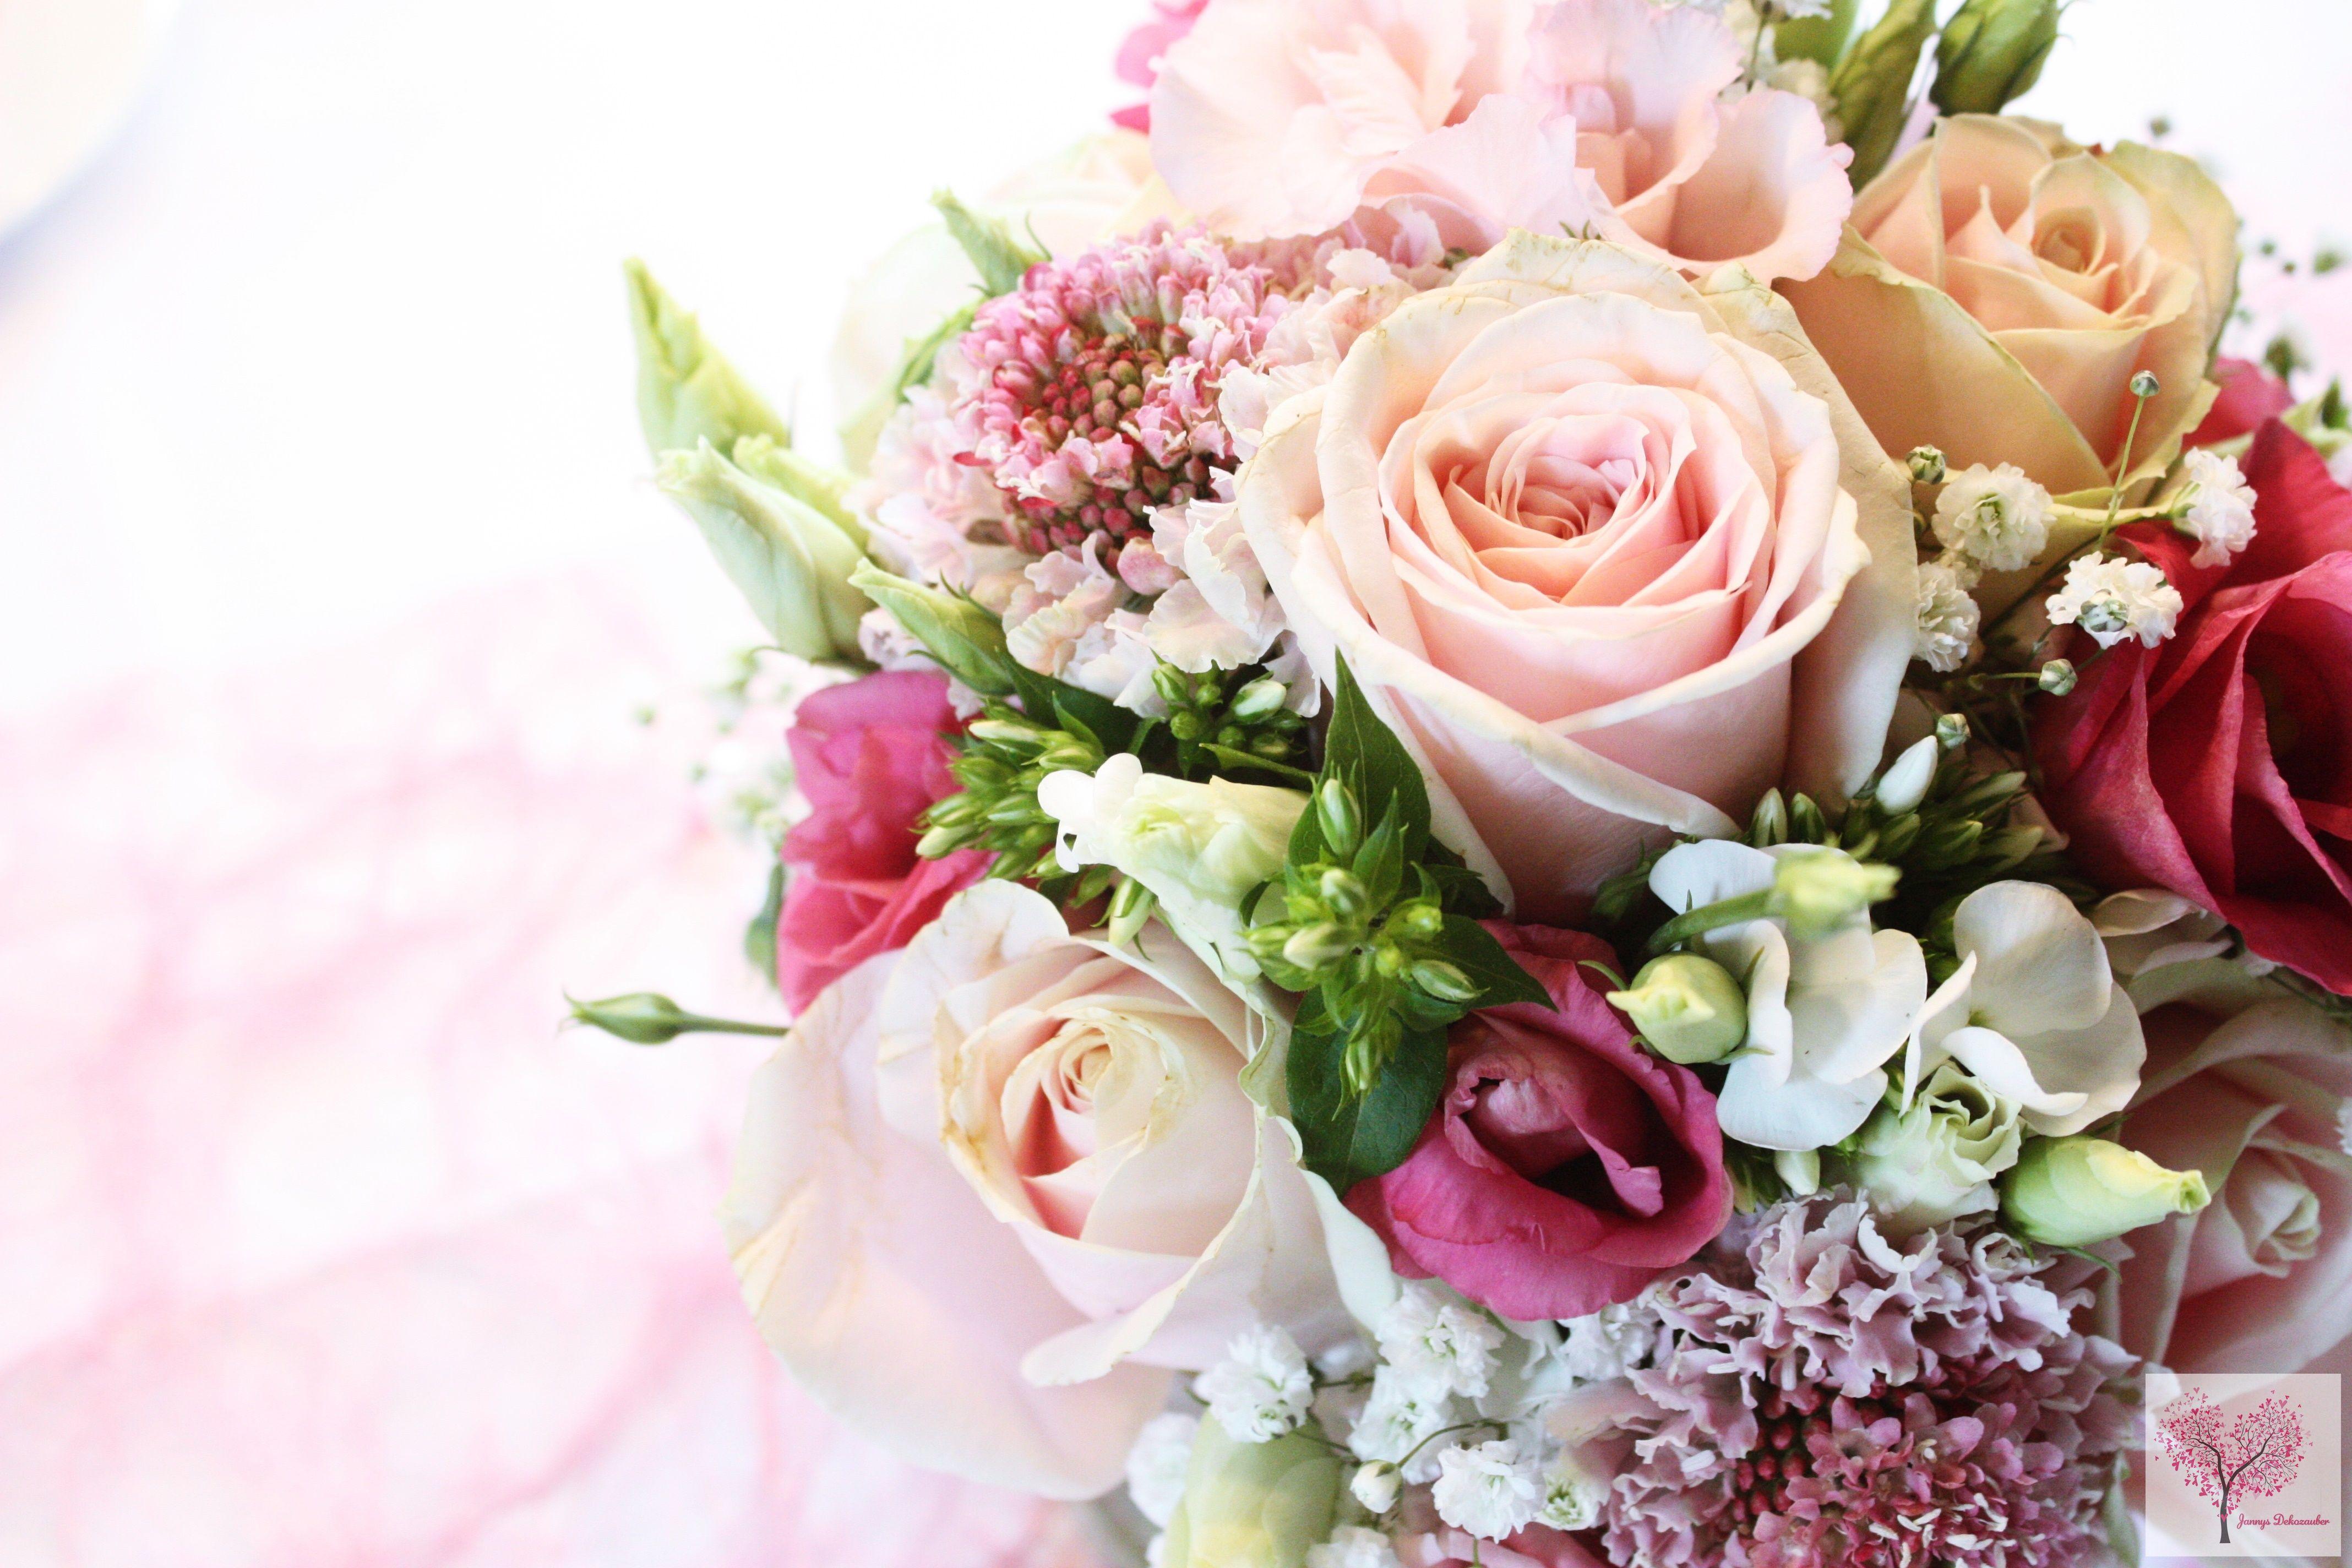 Rosen Rosa Altrosa Sizoweb Blumenstrauss Hochzeit Tischdeko Flowers